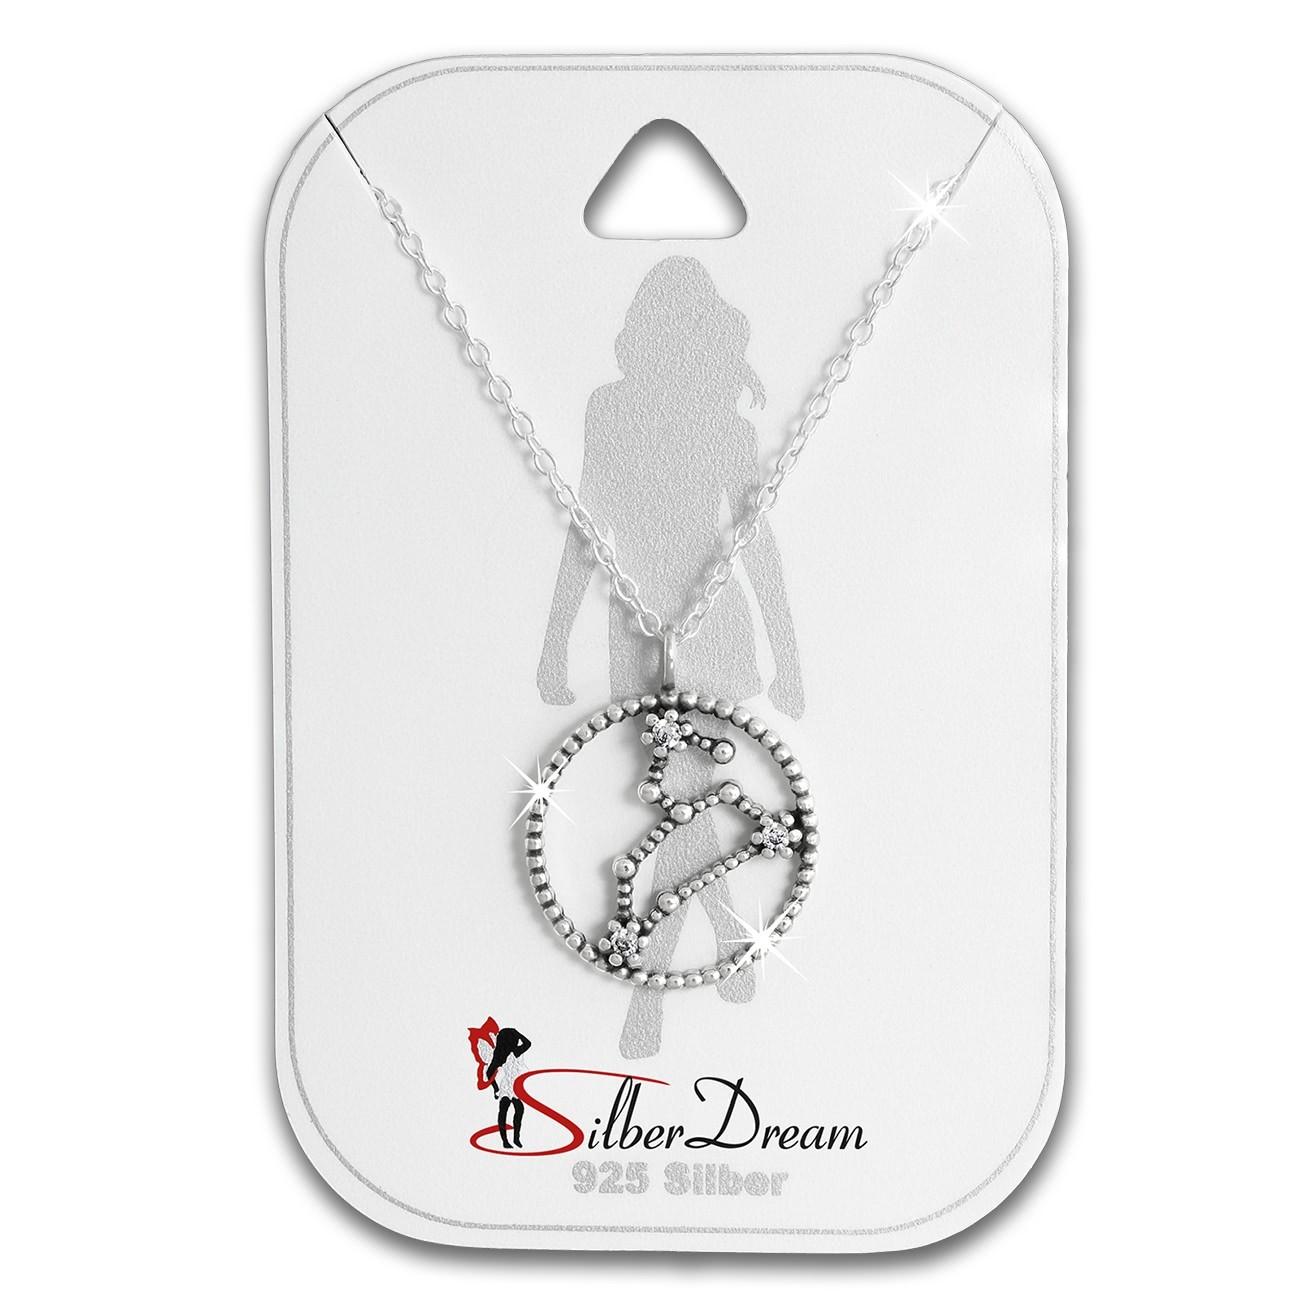 SilberDream Halskette Sternzeichen Löwe 925 Silber 45cm Damen Kette SDK8508W